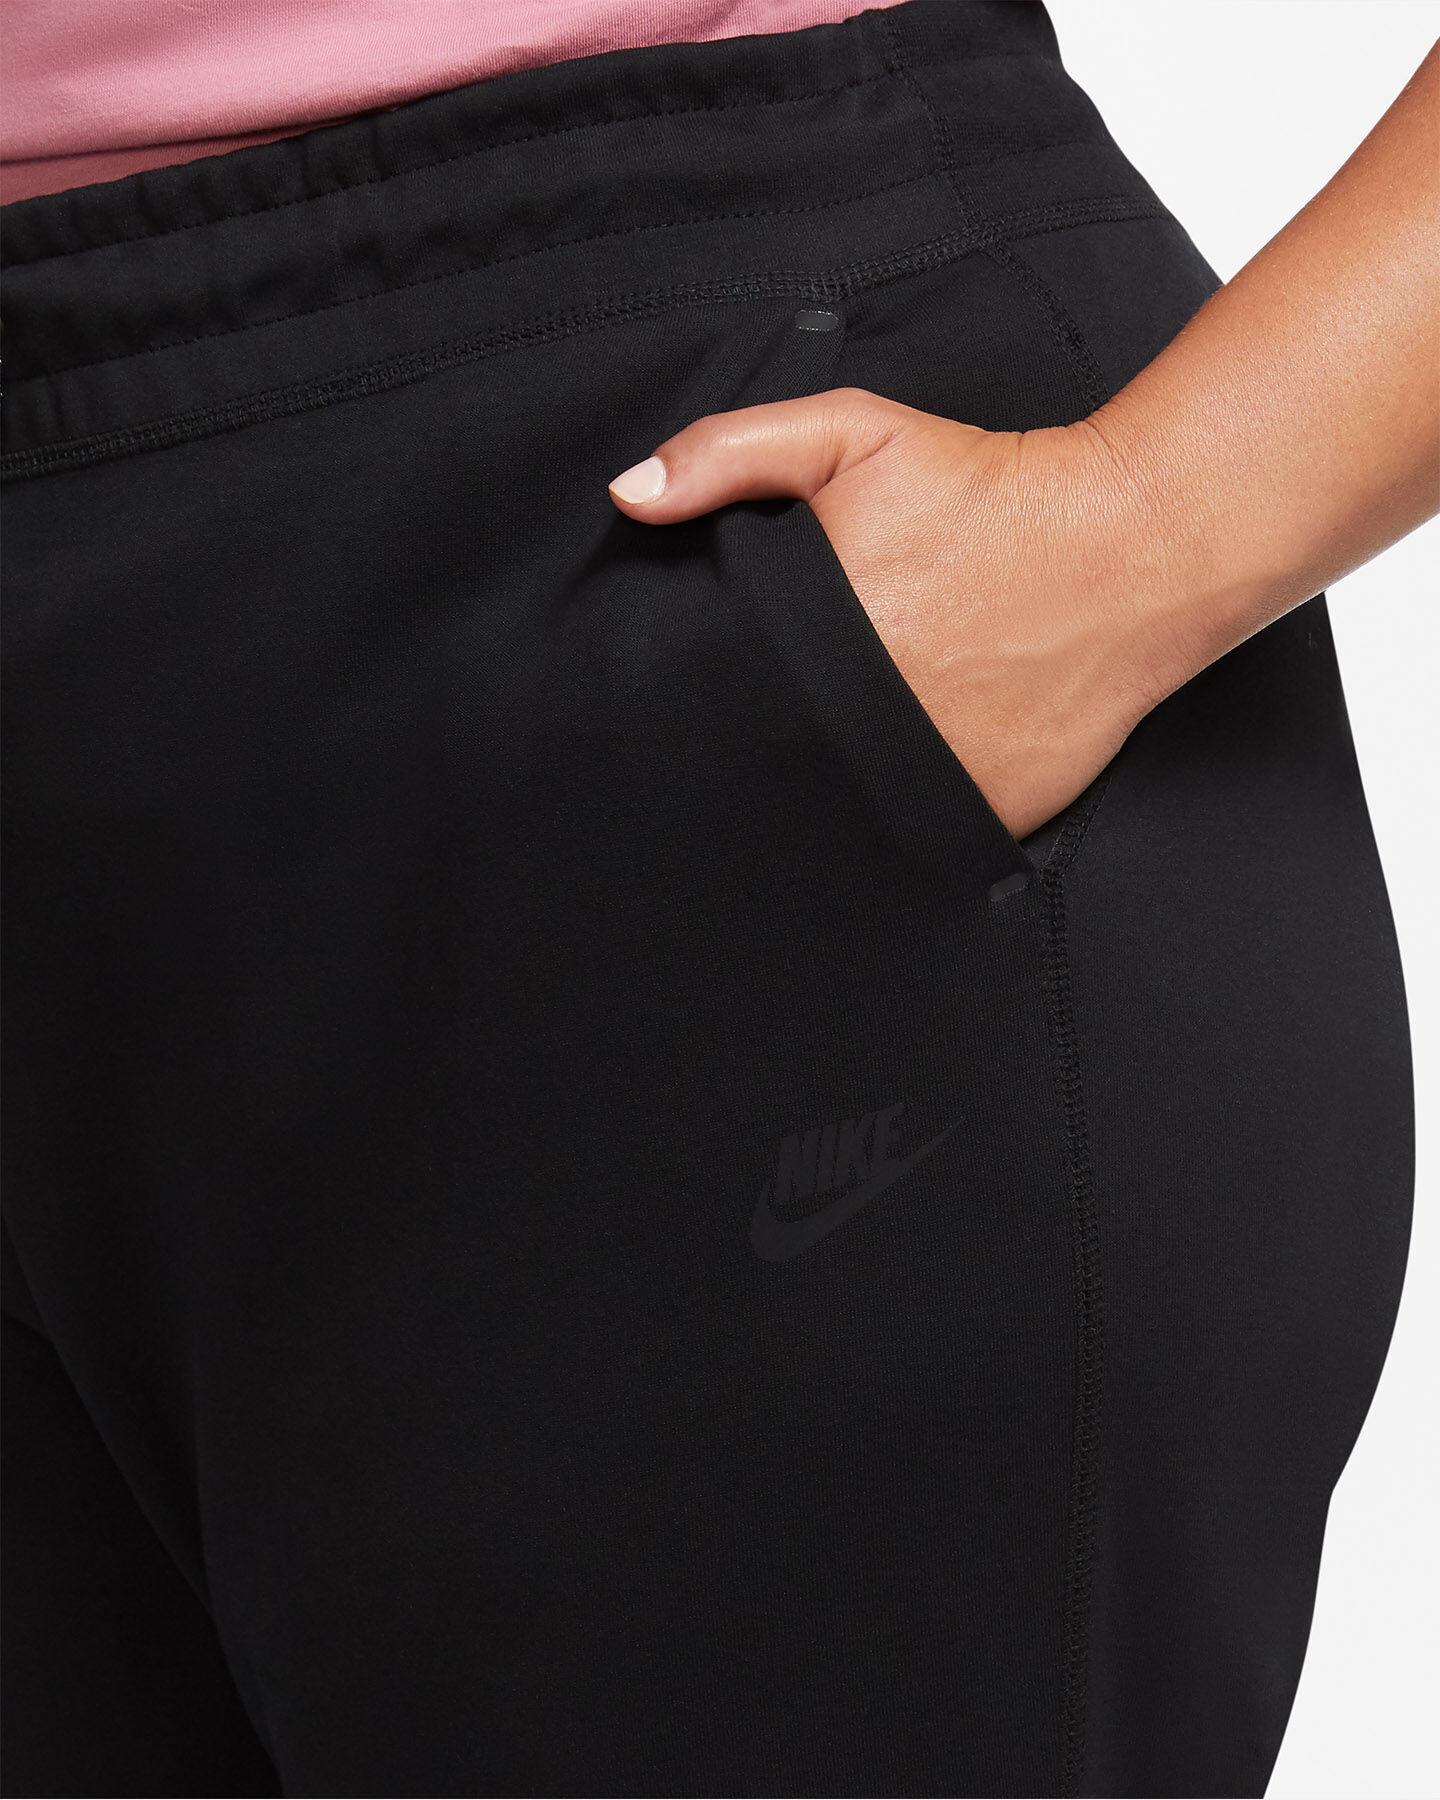 Pantalone NIKE TECH FLEECCE W S5223407 scatto 4